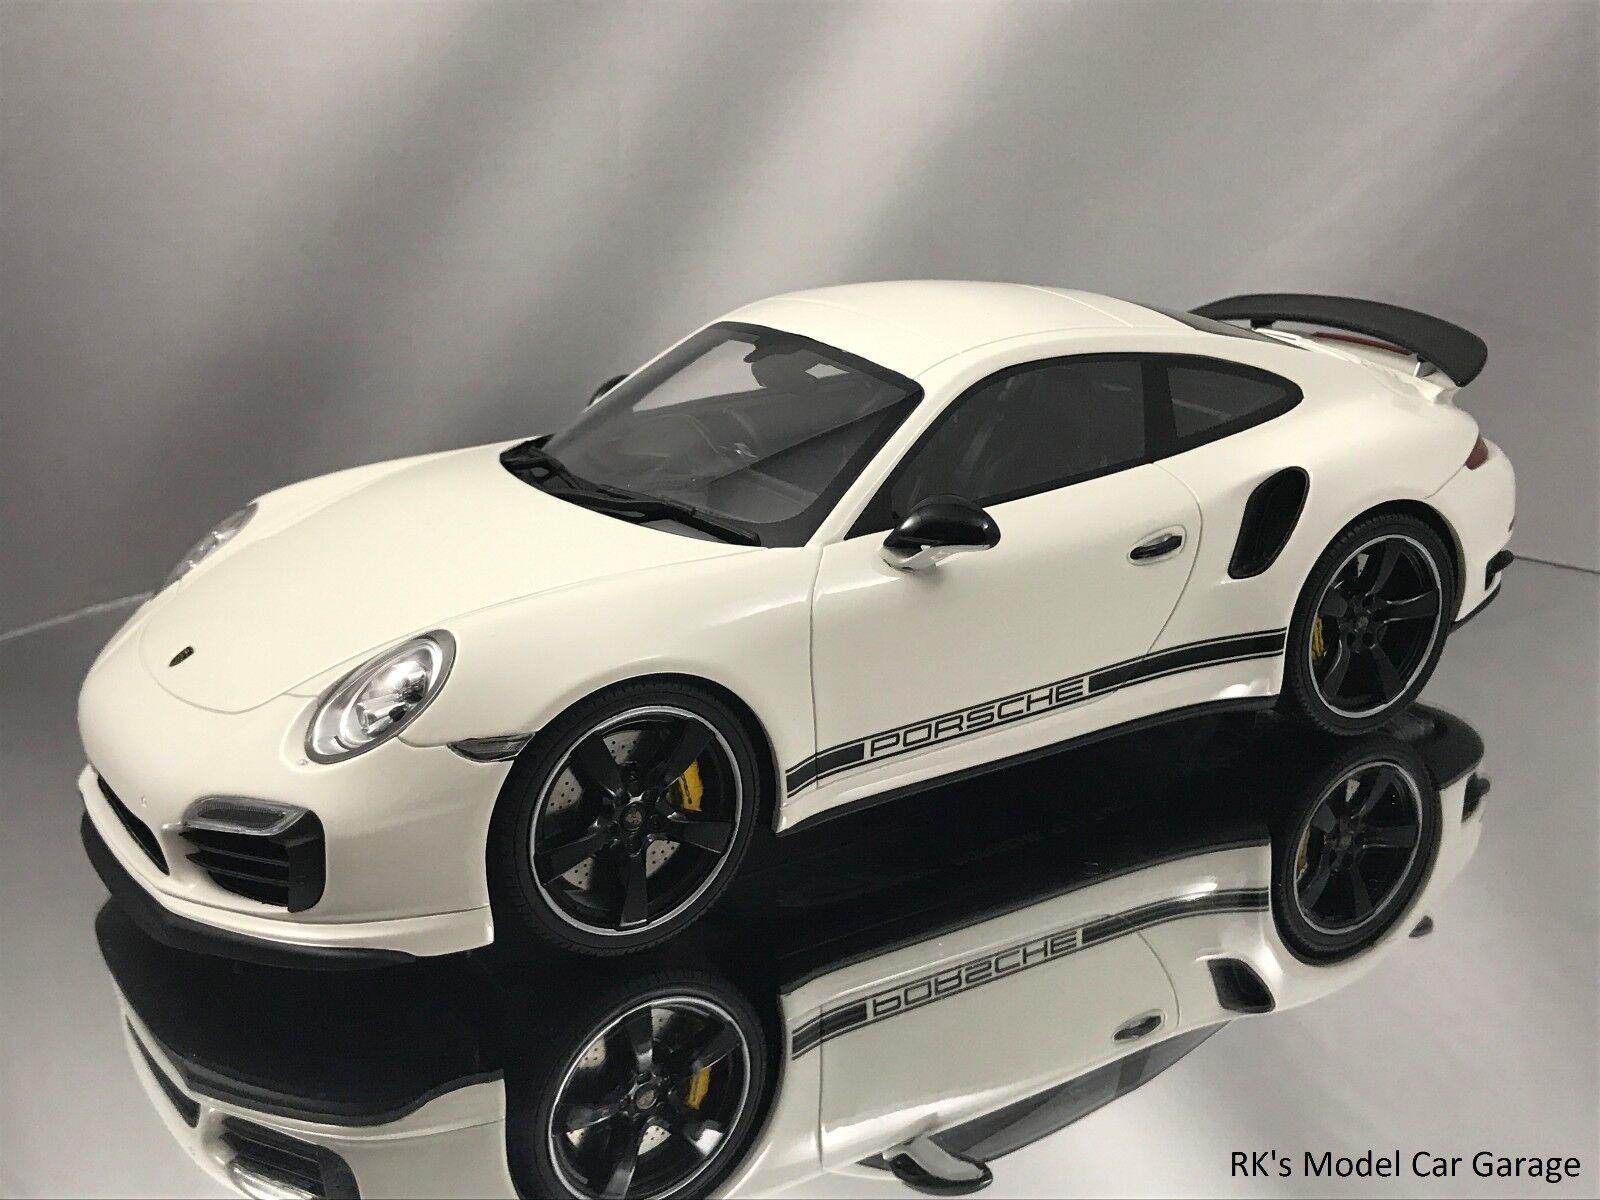 GT anda Porsche 911 991 Turbos Exclusive GB Edition Disspela Case vit 1 18